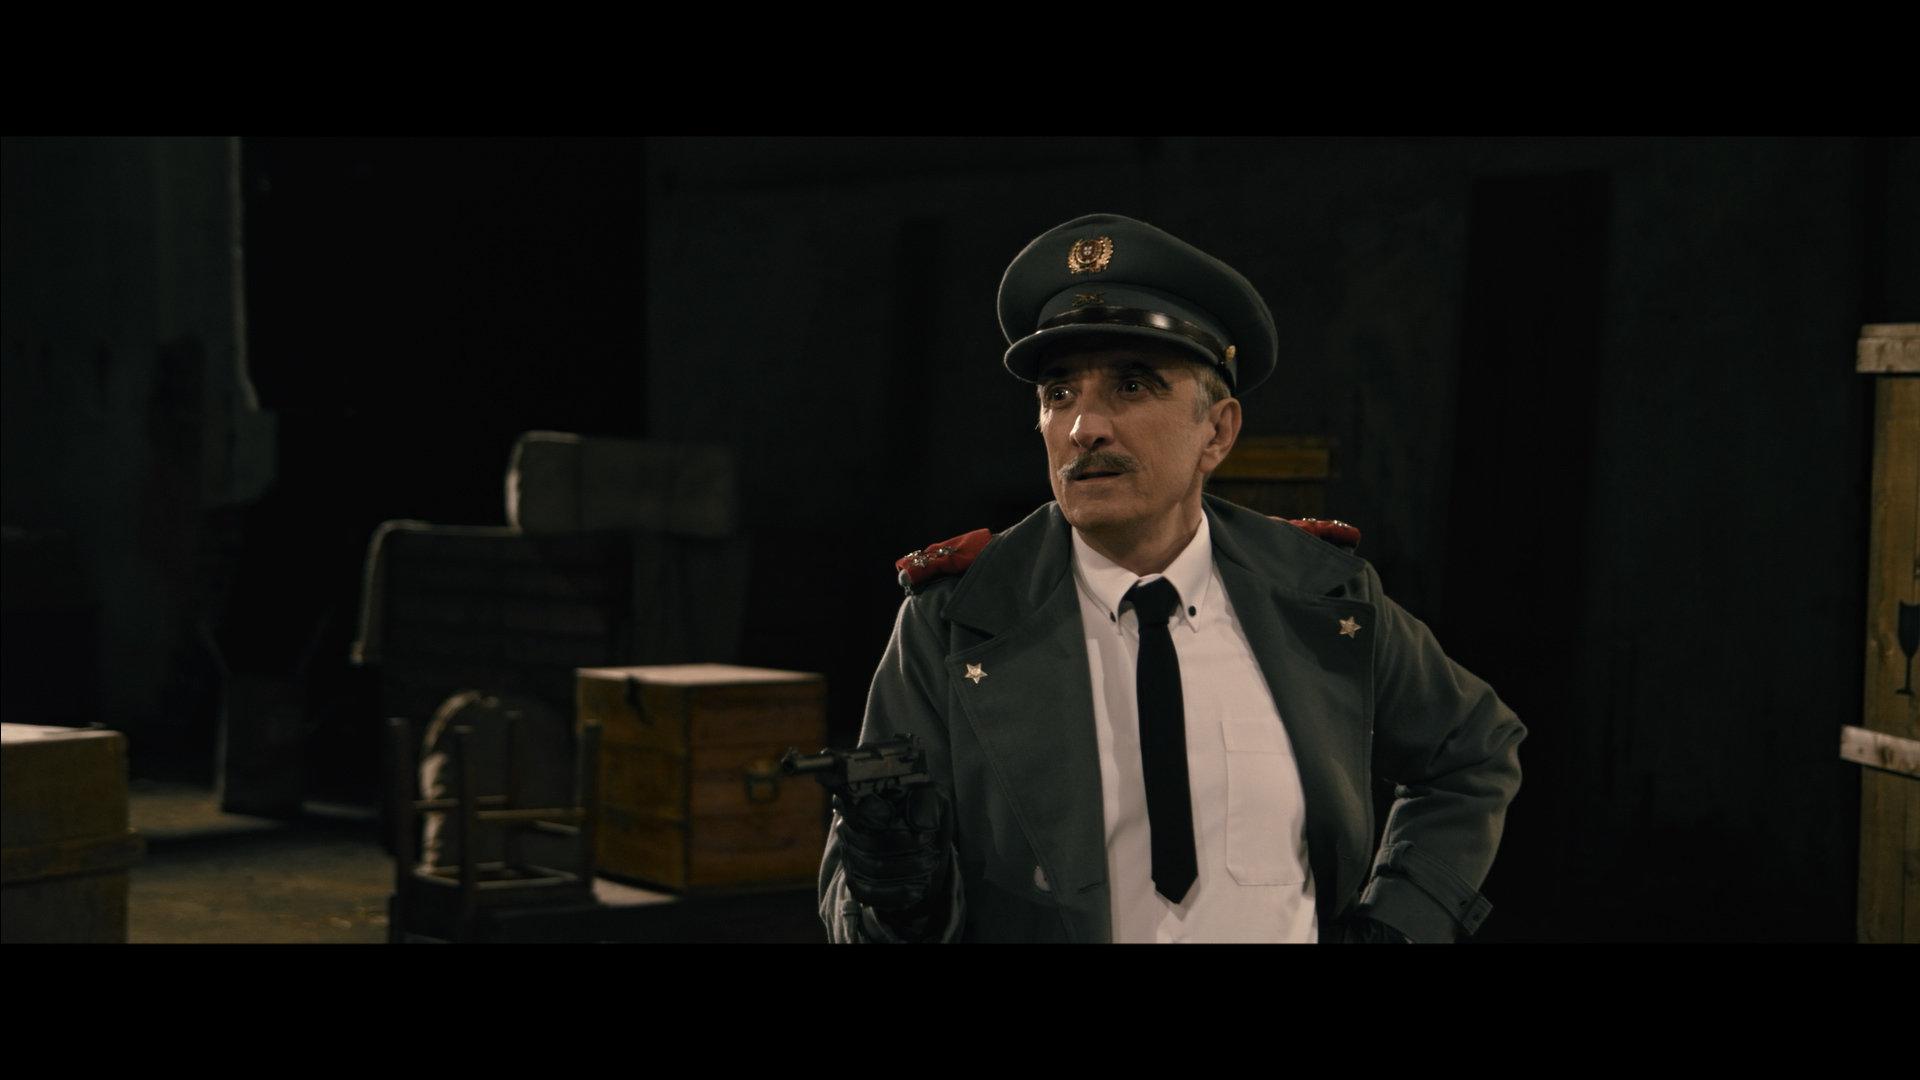 Miguel Guilherme in Capitão Falcão (2015)